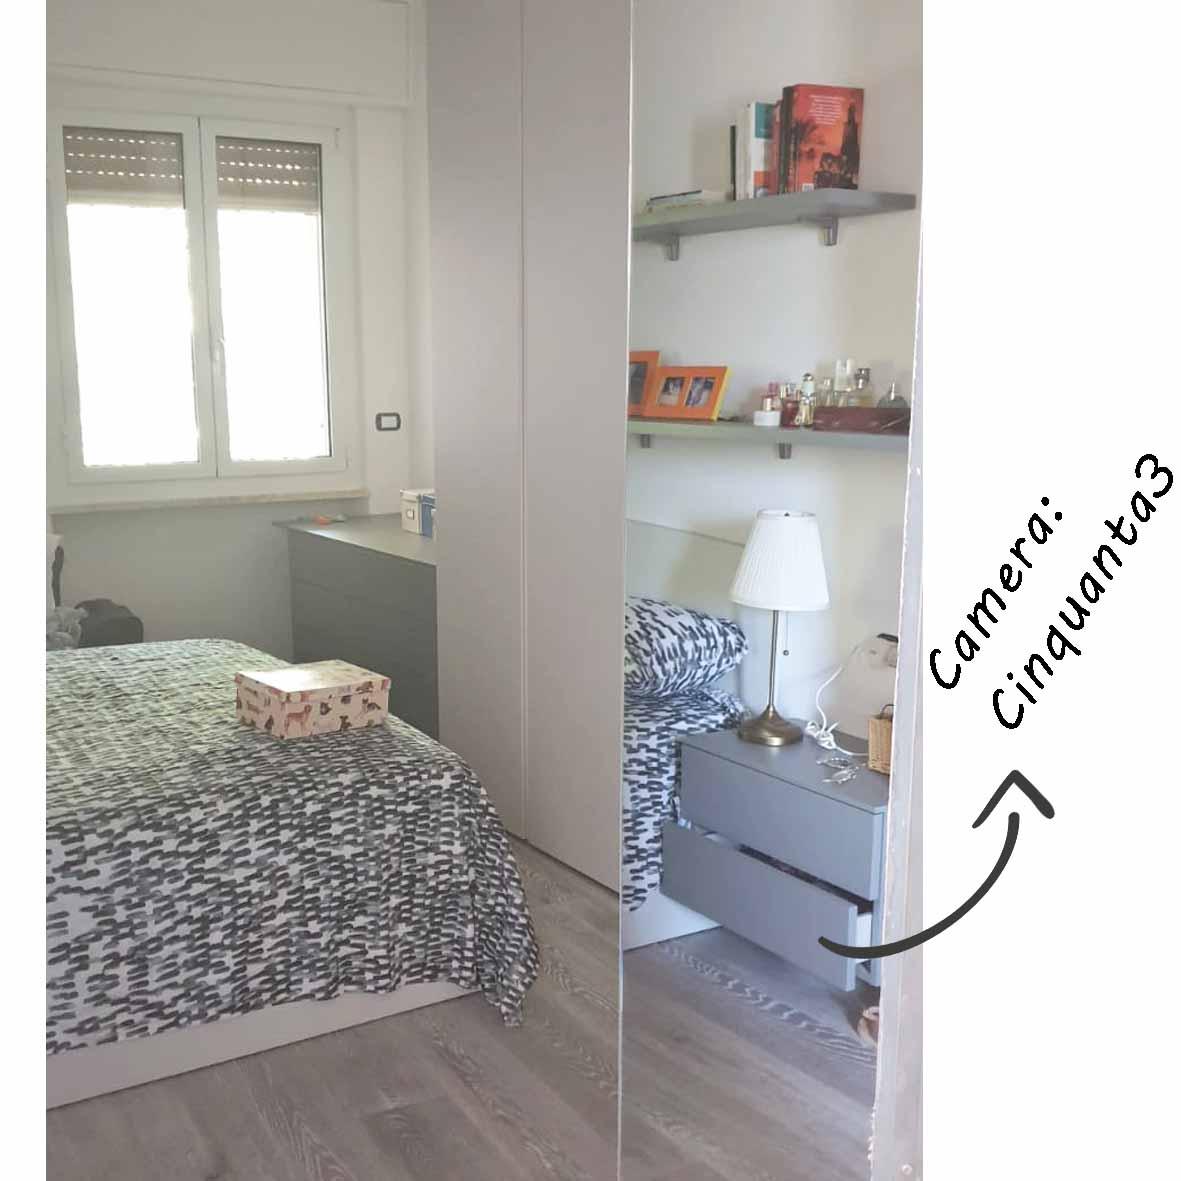 centro dell'arredamento ligure-savona-cinquanta3-comodino-letto-armadio